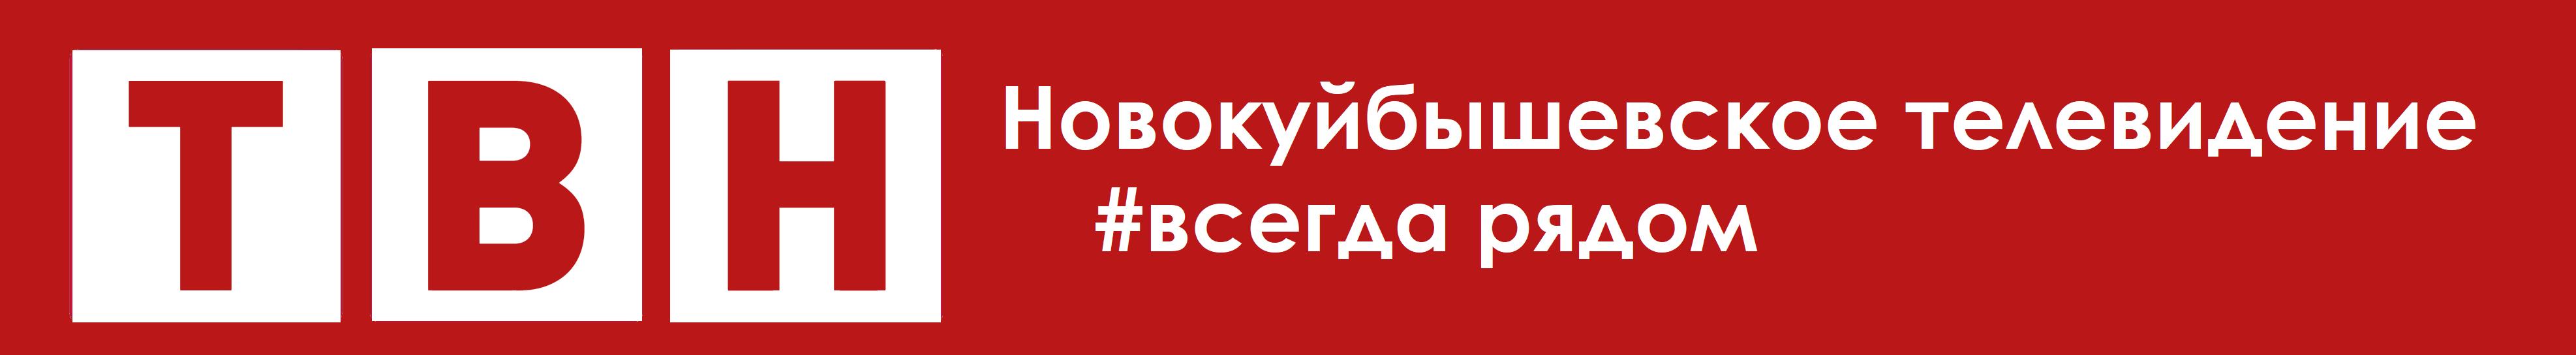 Новокуйбышевское телевидение